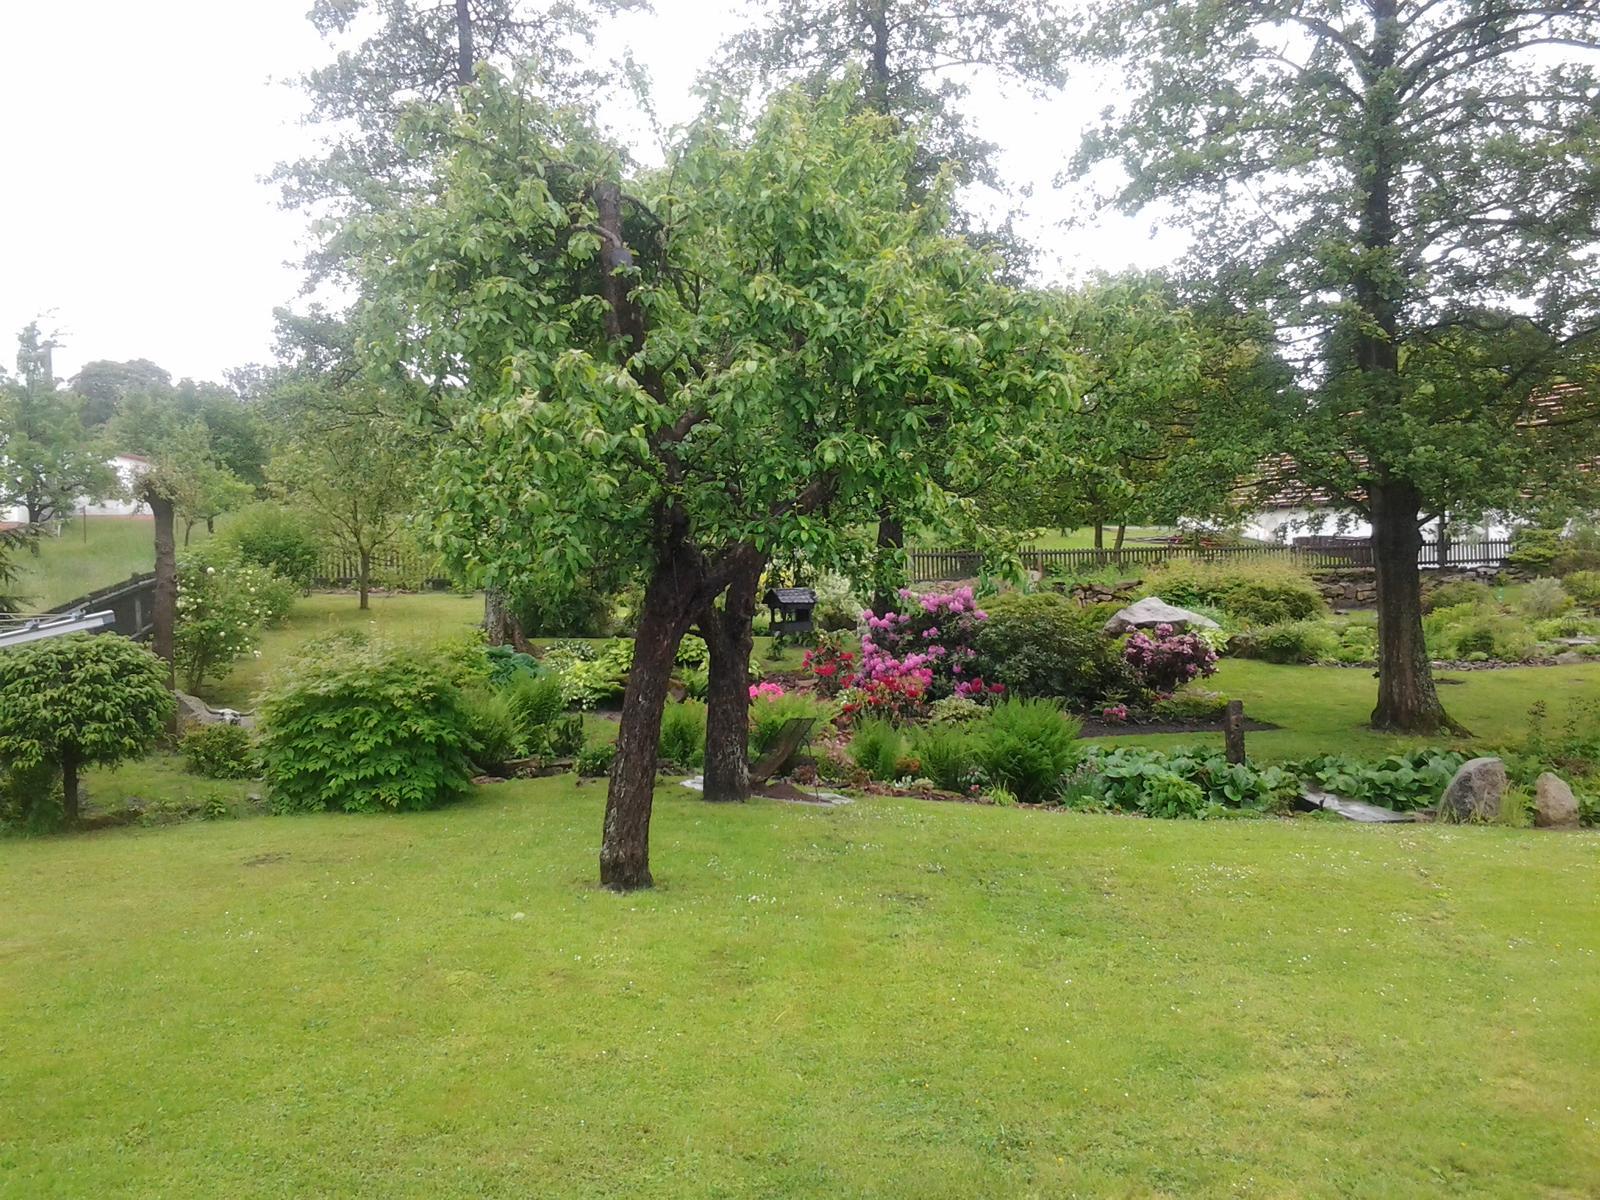 Jihočeská venkovská zahrada. - Jabloně s krmítkem.